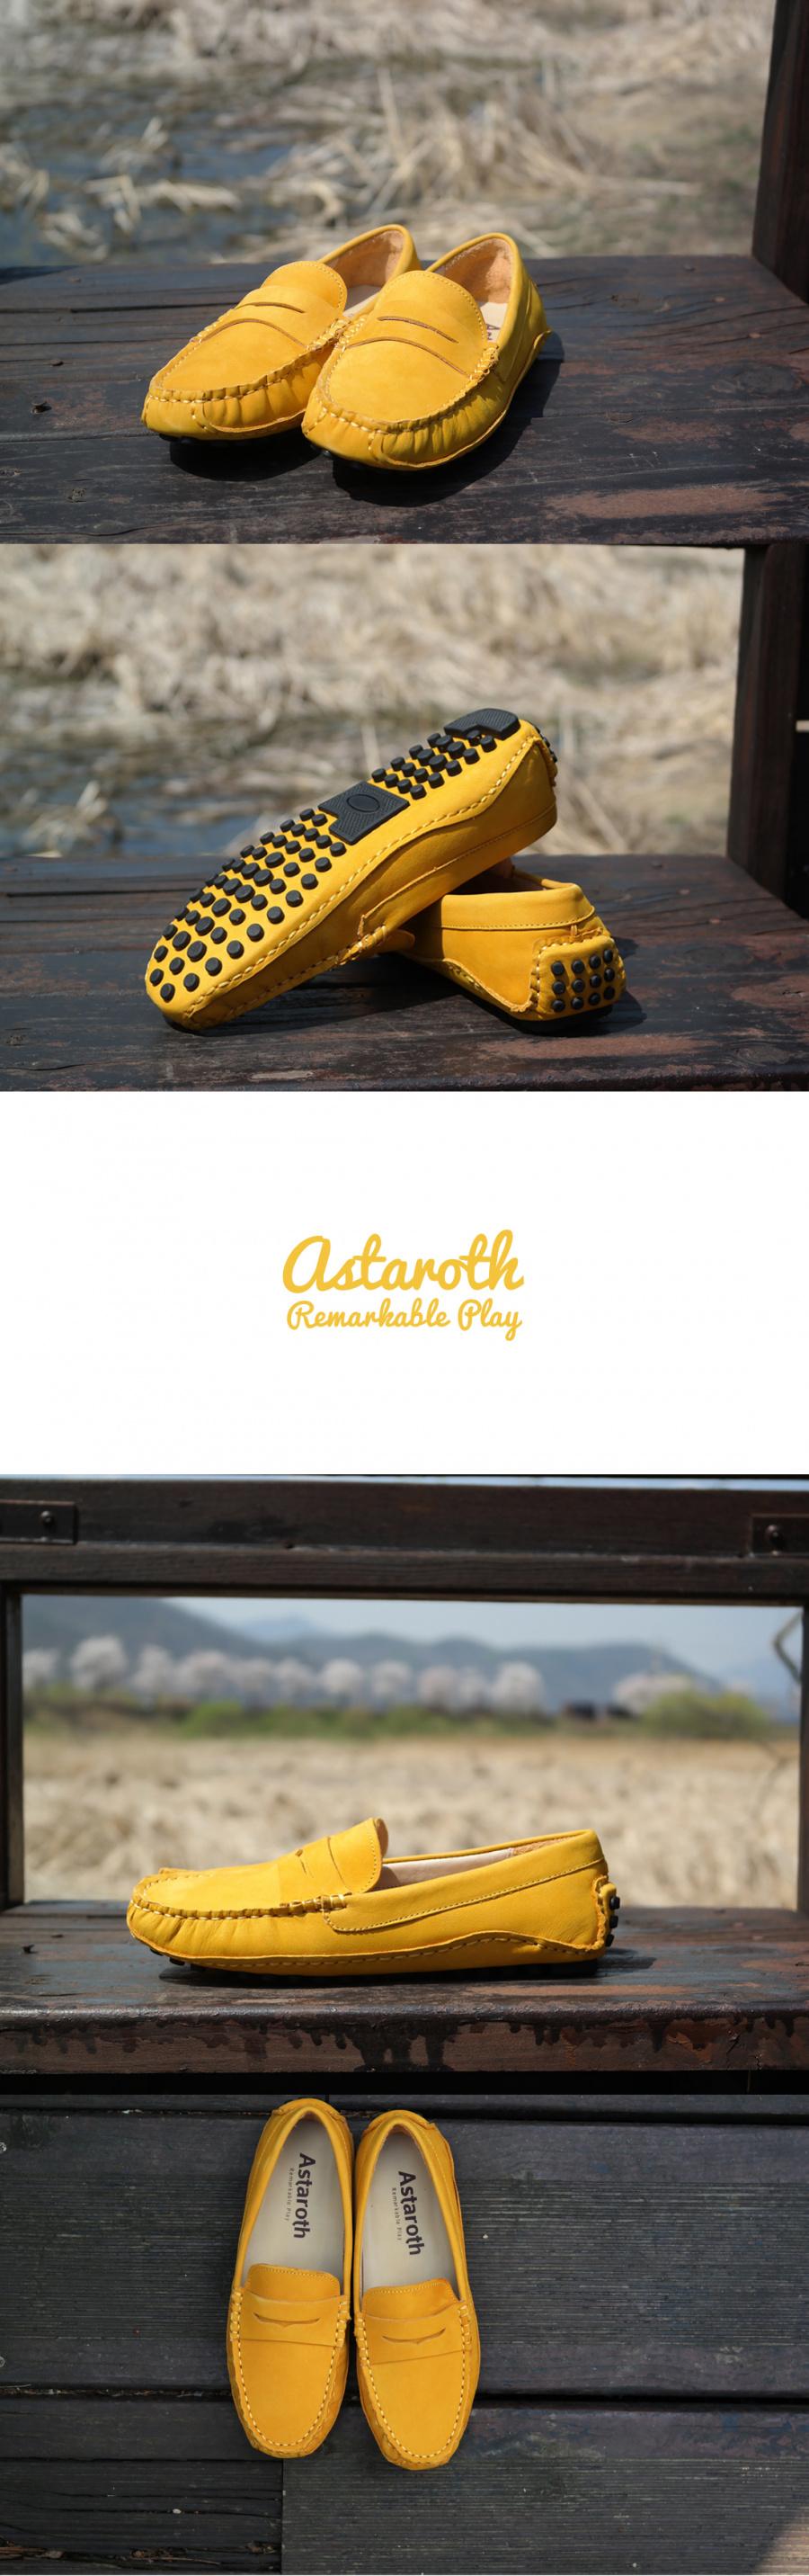 아스타로스(ASTAROTH) 누벅스킨 드라이빙슈즈 204NB45